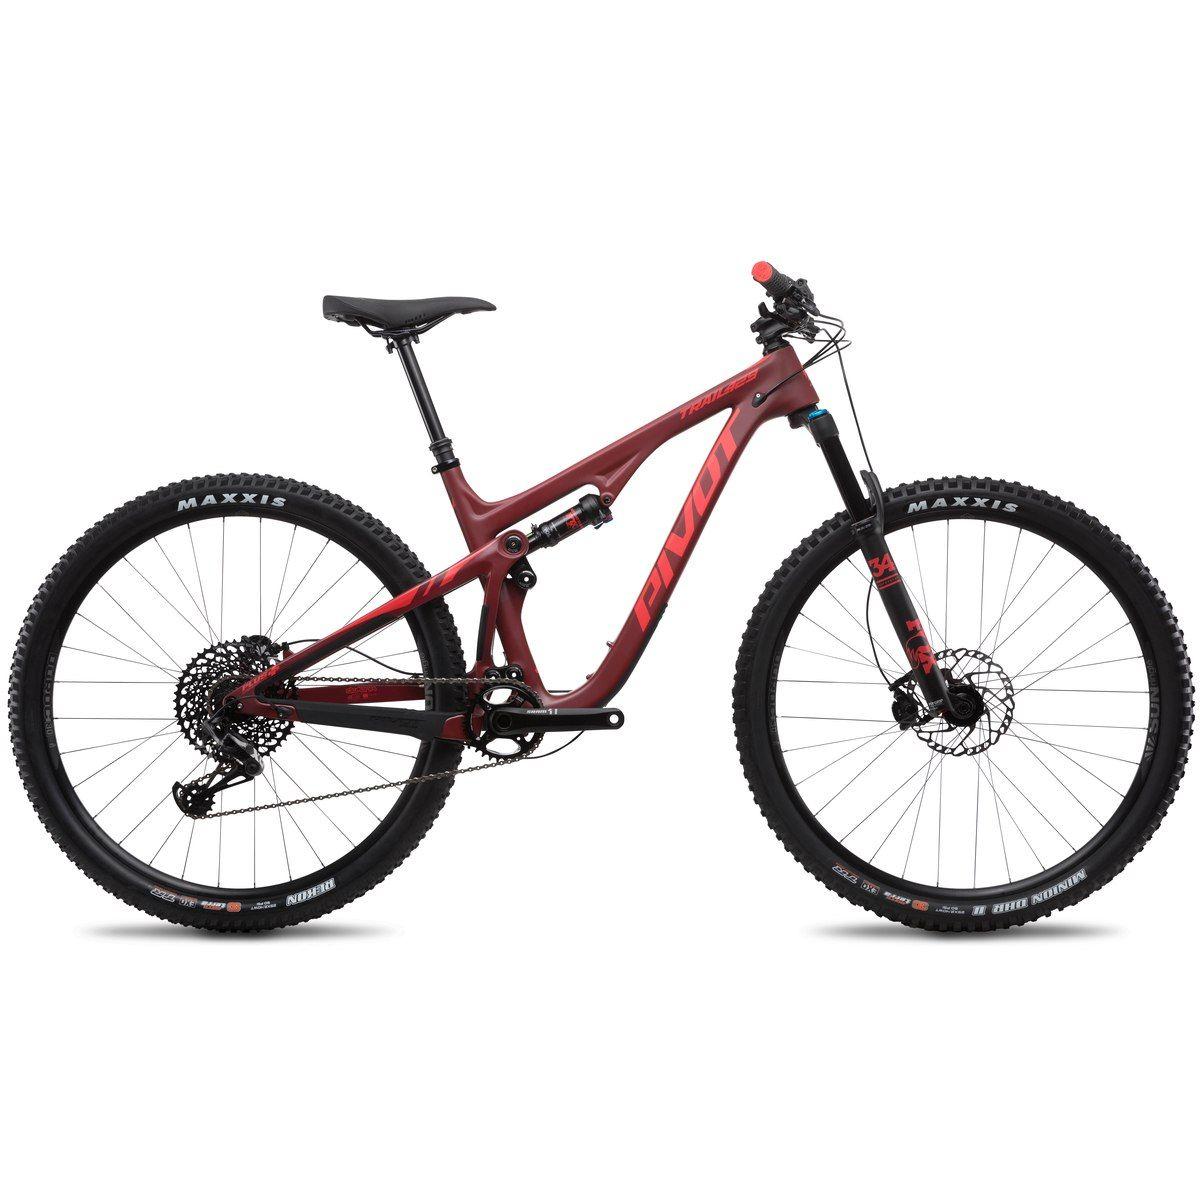 Pivot Trail 429 Race X01 Carbon